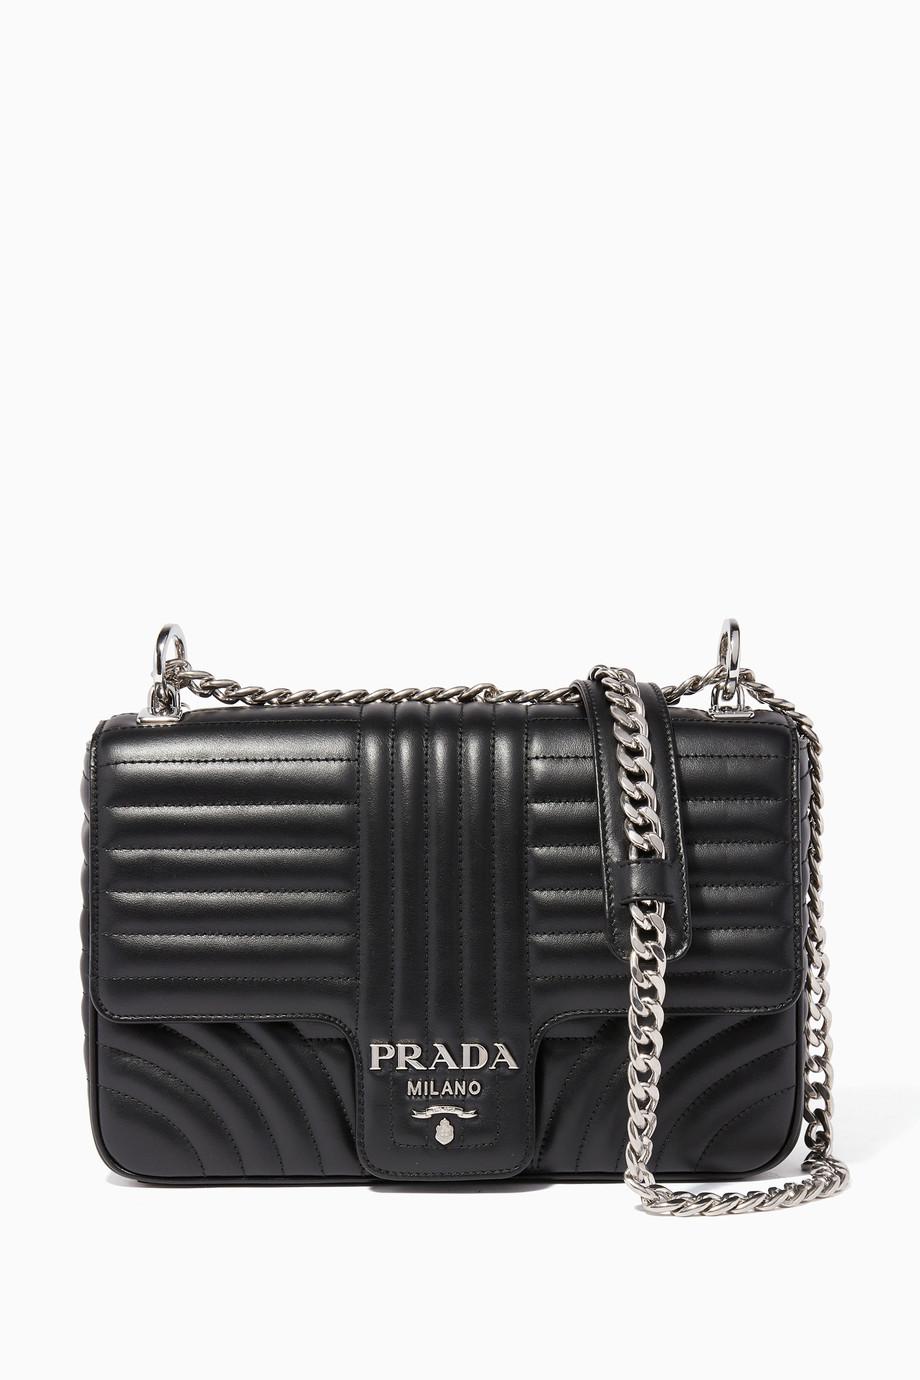 5c1285ced20049 Shop Prada Black Black Large Diagramme Shoulder Bag for Women ...